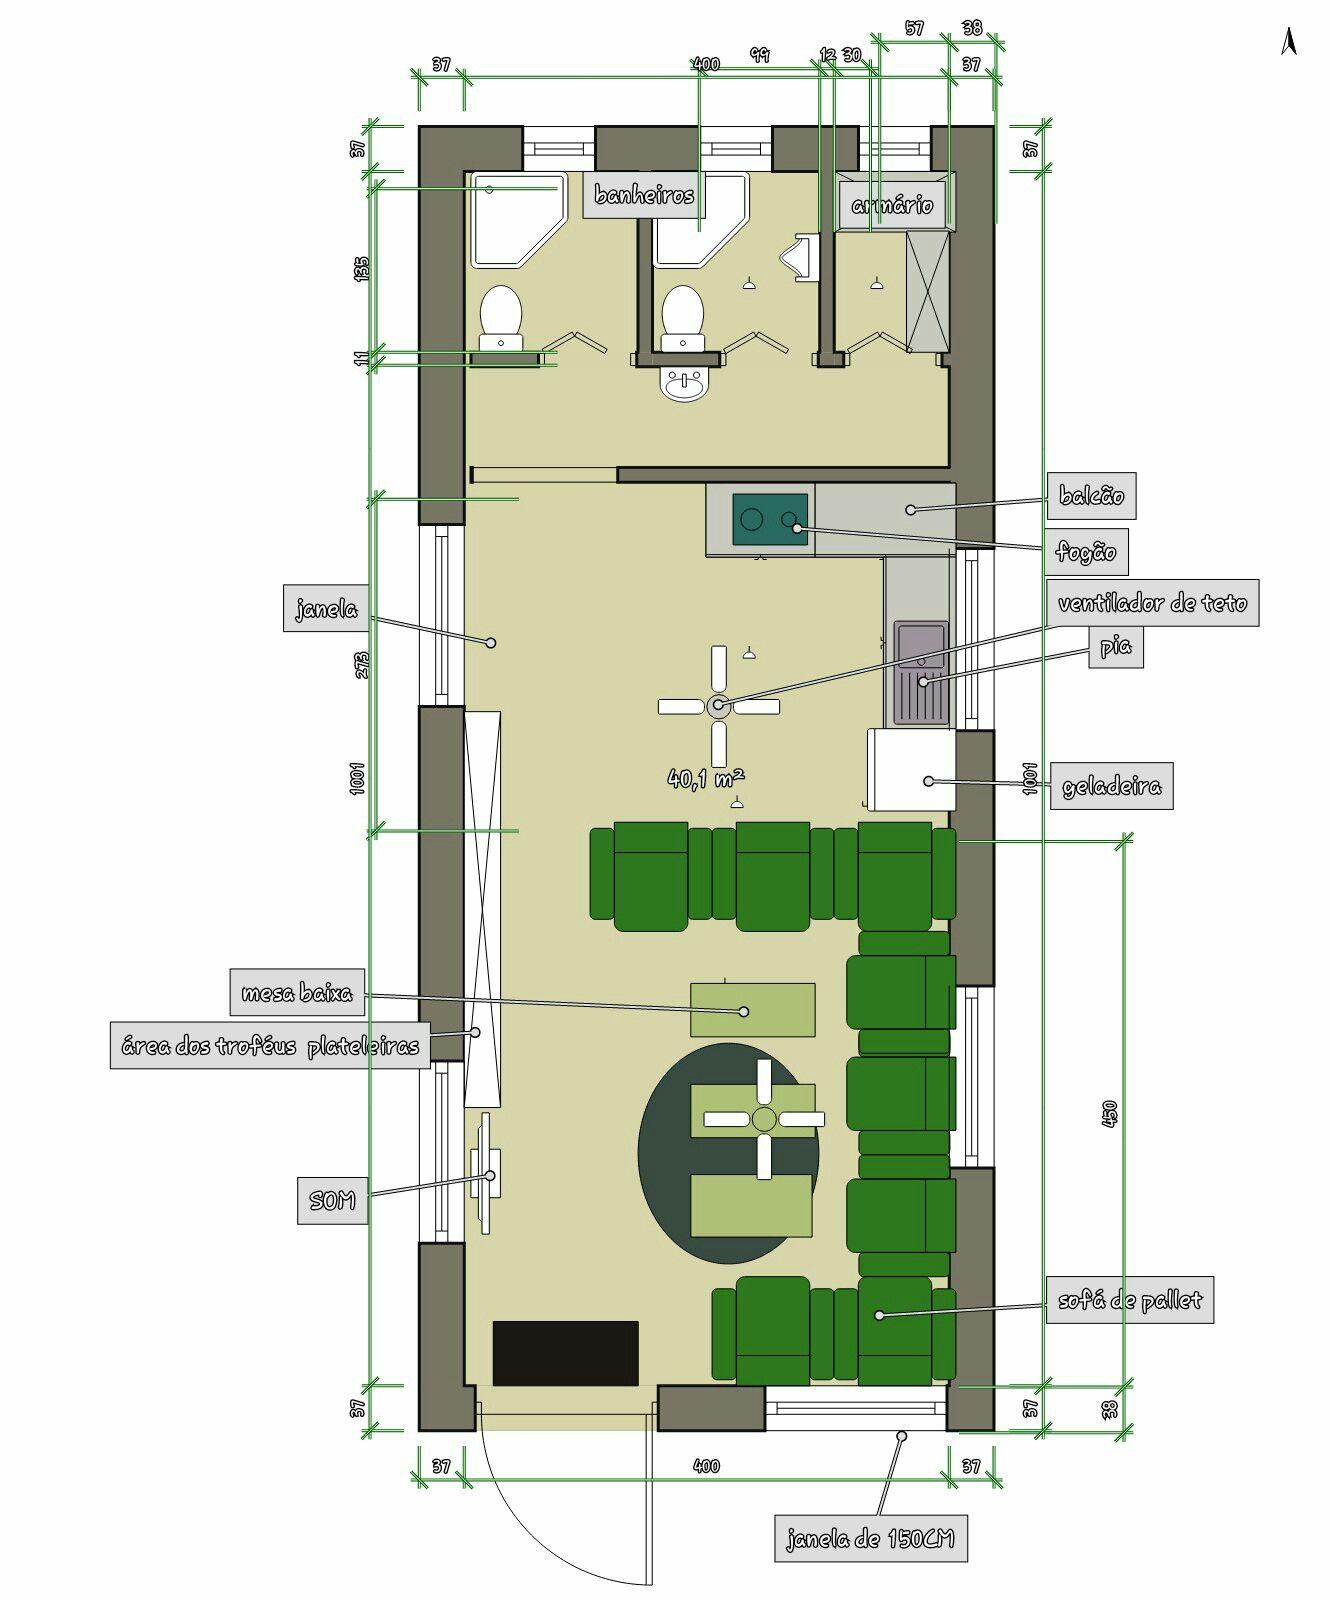 Terreno com 40 m2. 4x10. O projeto é para uma área ...